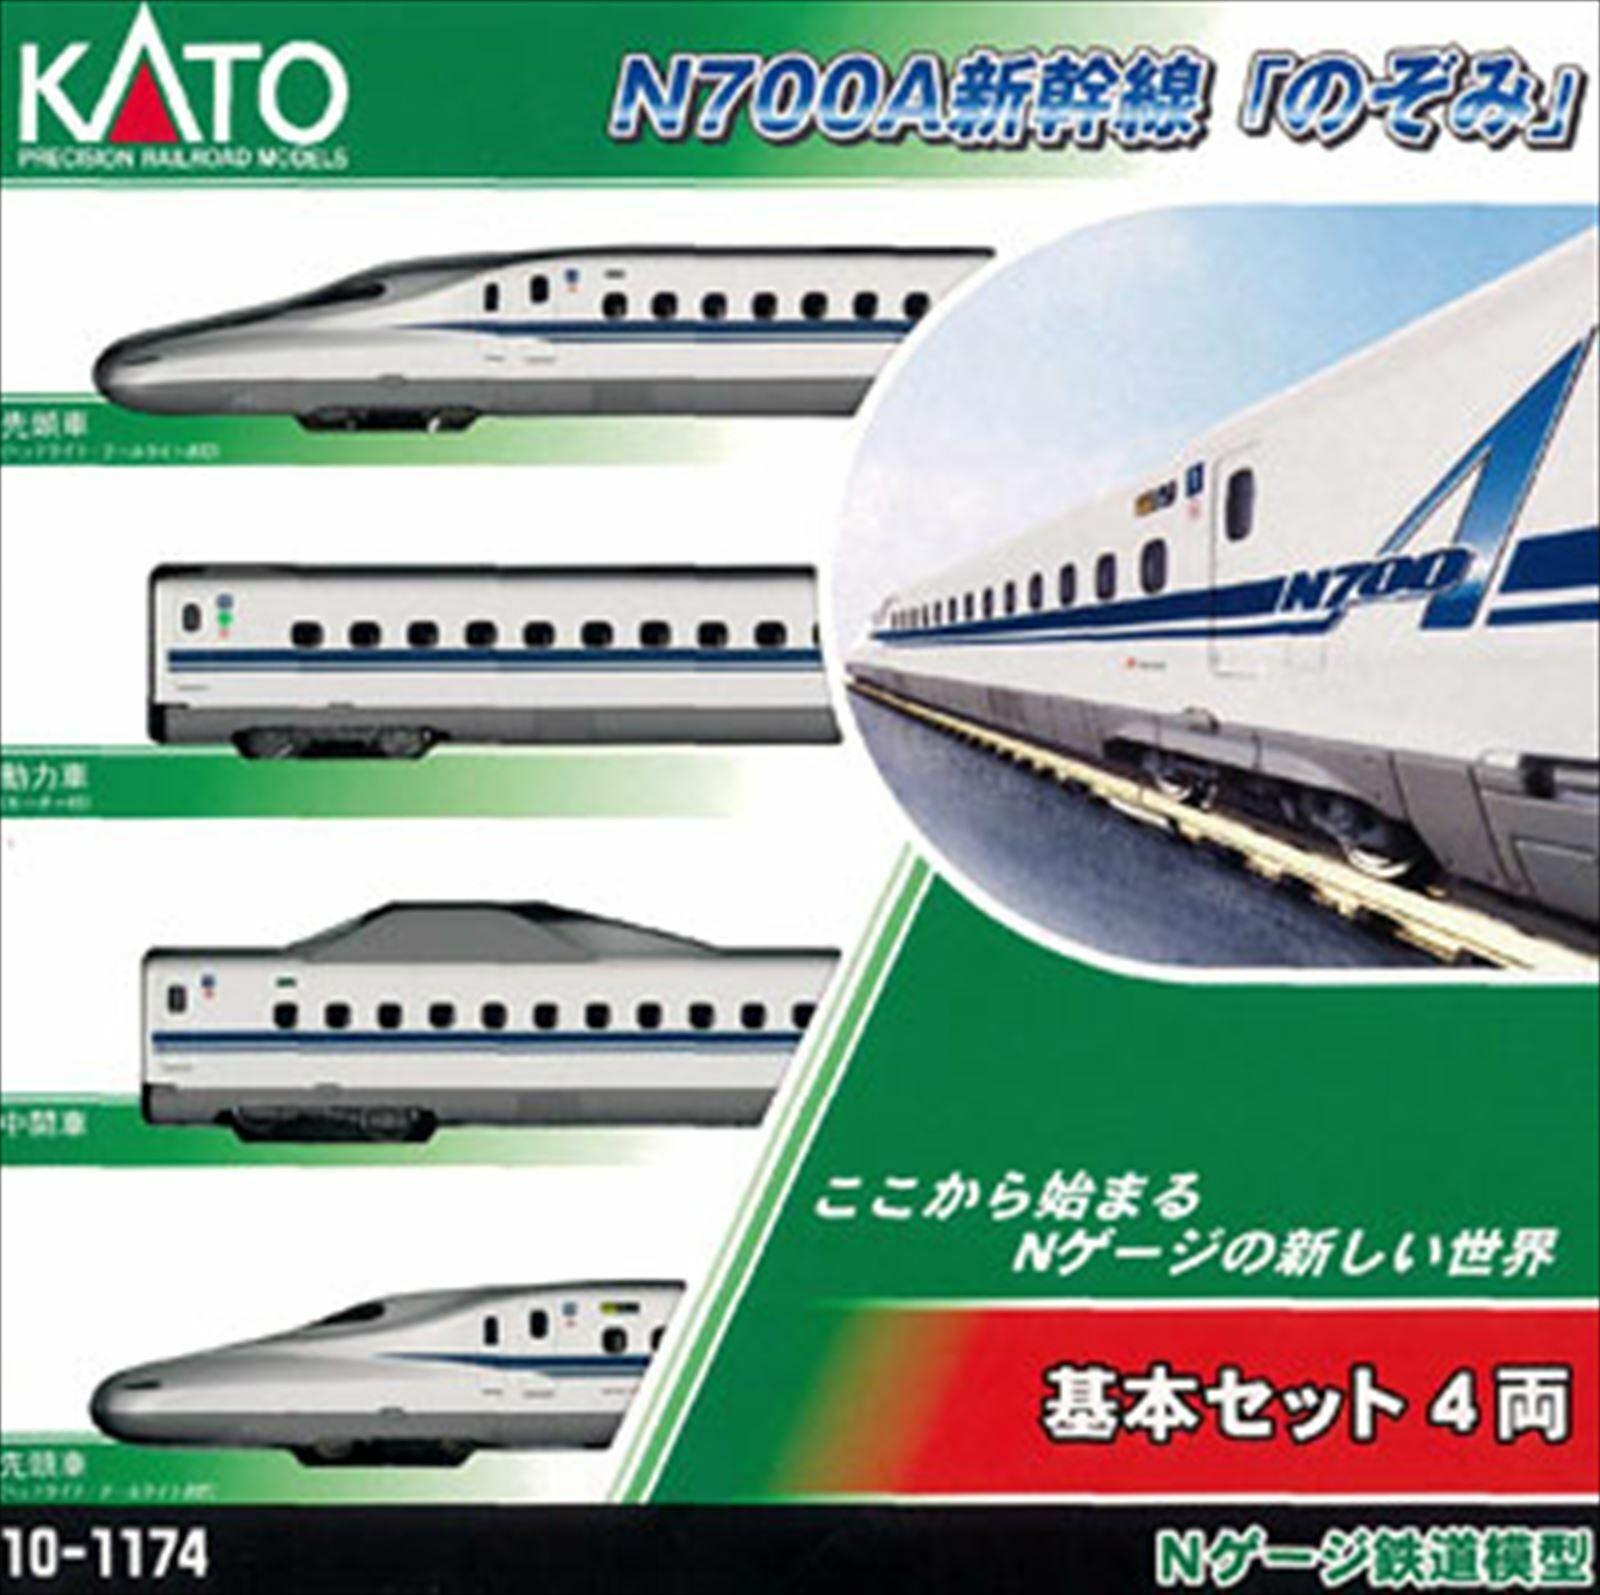 101174 Kato N700A Nozomi 4auto Set di base N Gauge rivendita FS dal Giappone